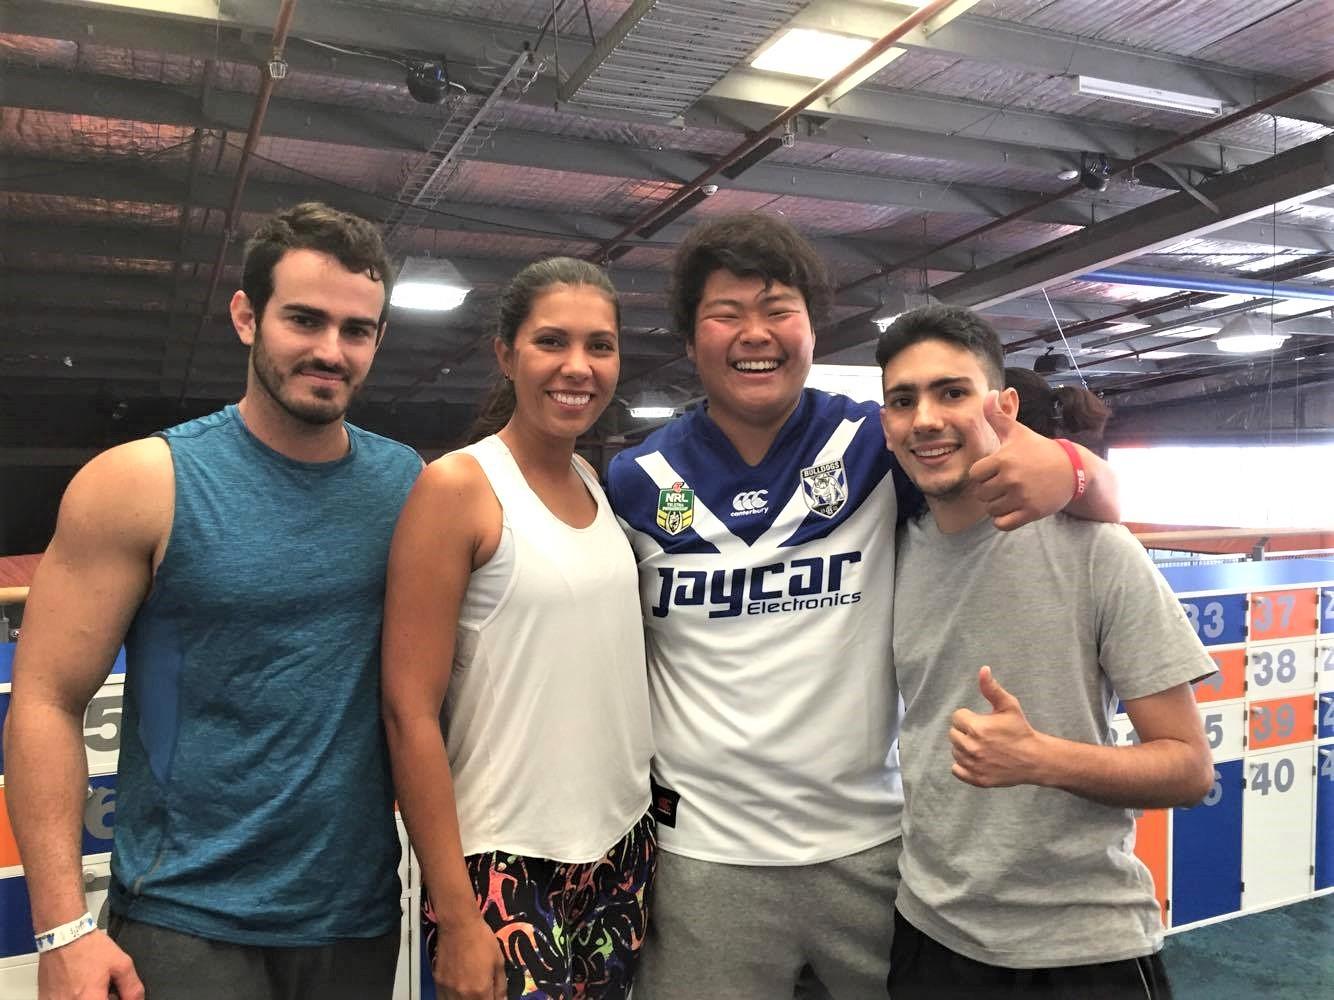 オーストラリア留学で出会た仲間